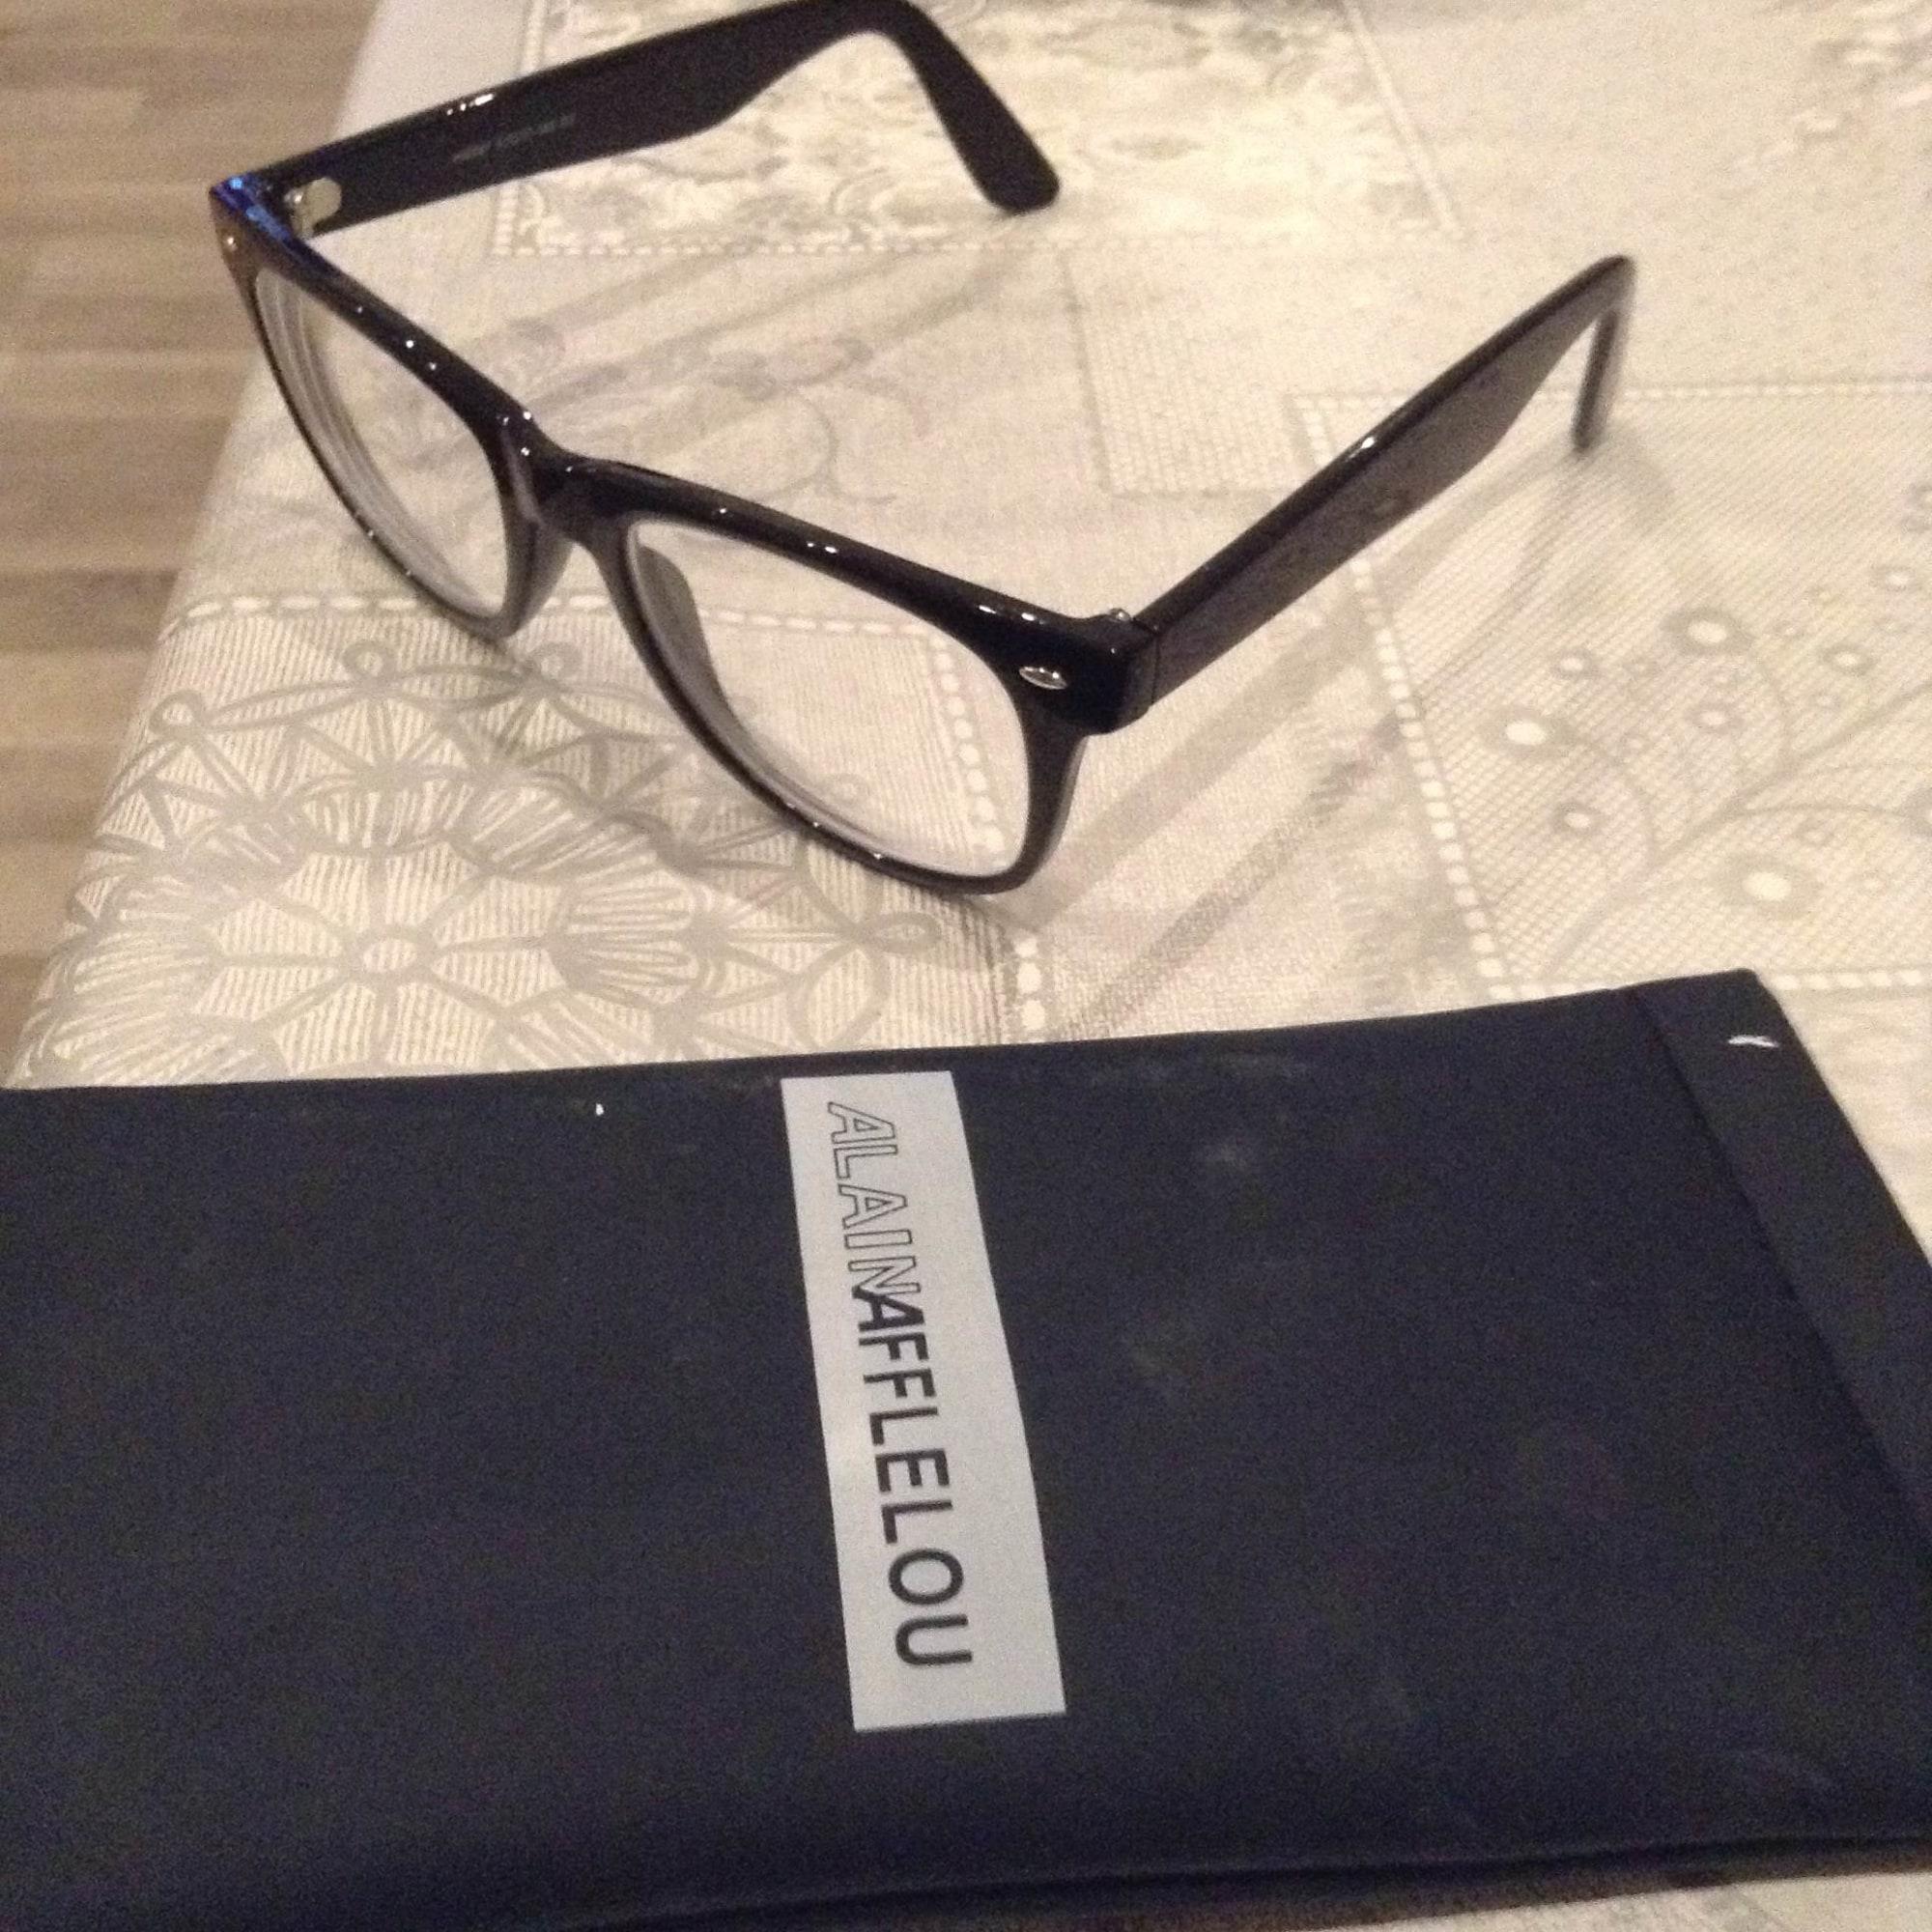 Monture de lunettes ALAIN AFFLELOU noir - 4162939 342144797540